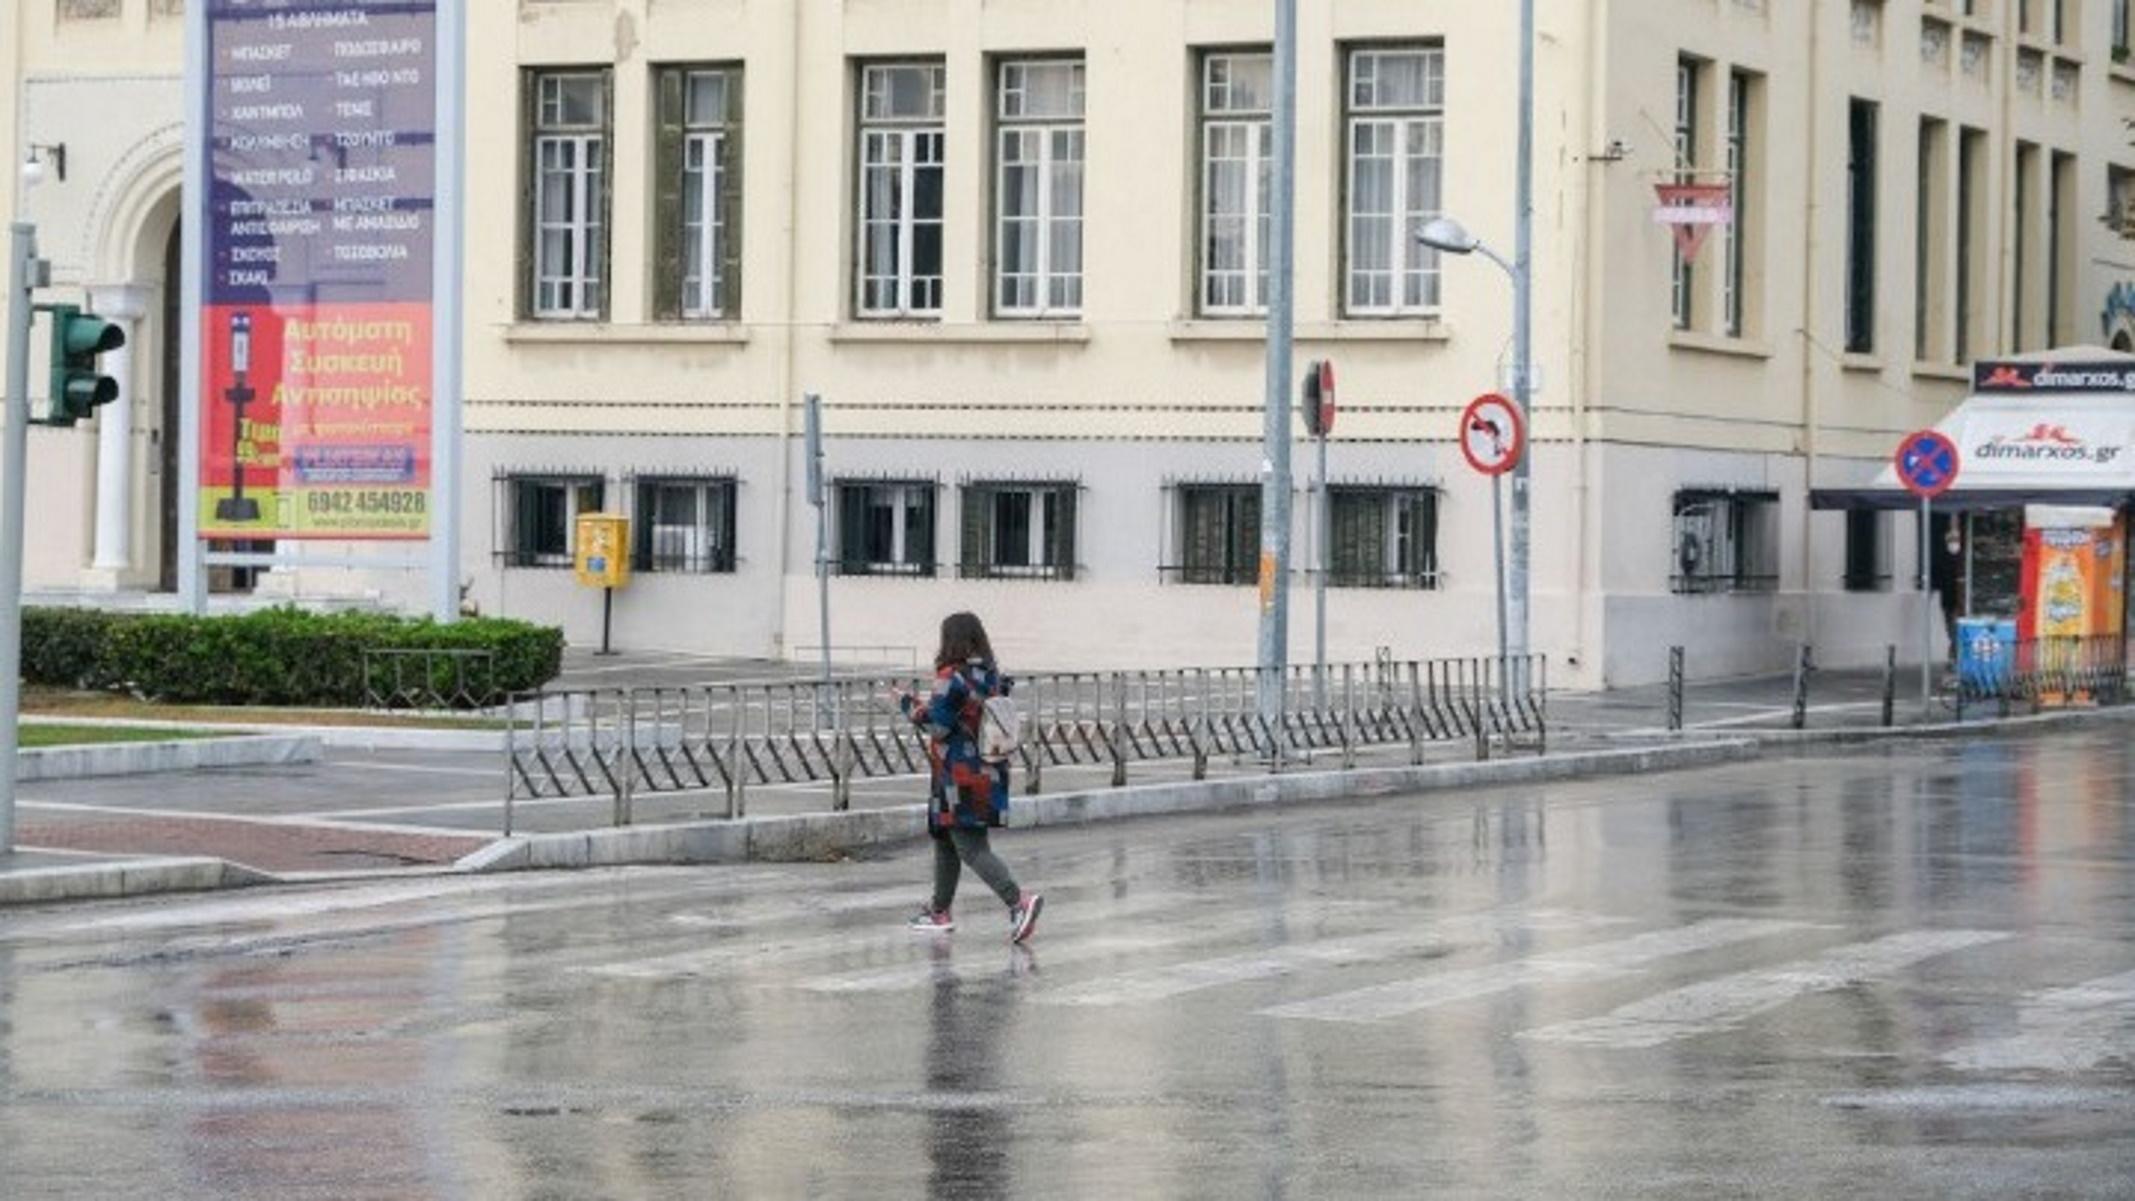 Καιρός αύριο: Πρωταπριλιά με βροχές, καταιγίδες και χιόνια